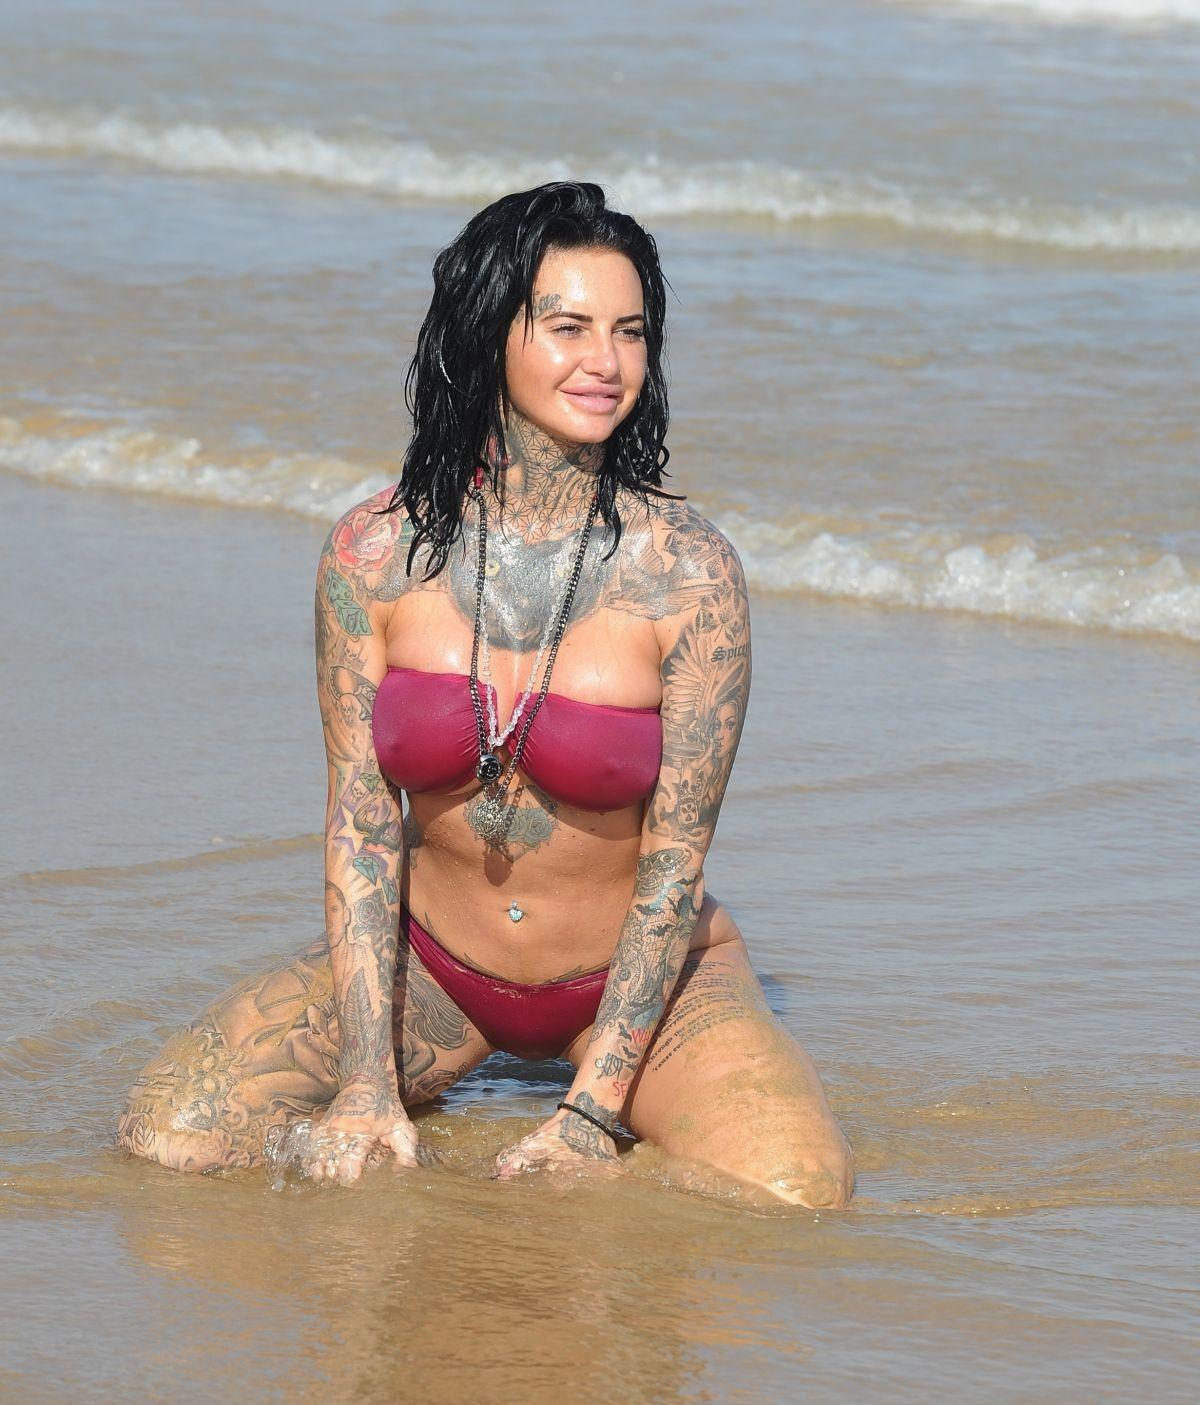 Jemma Lucy in Bikini on the beach in Gran Canaria Pic 15 of 35